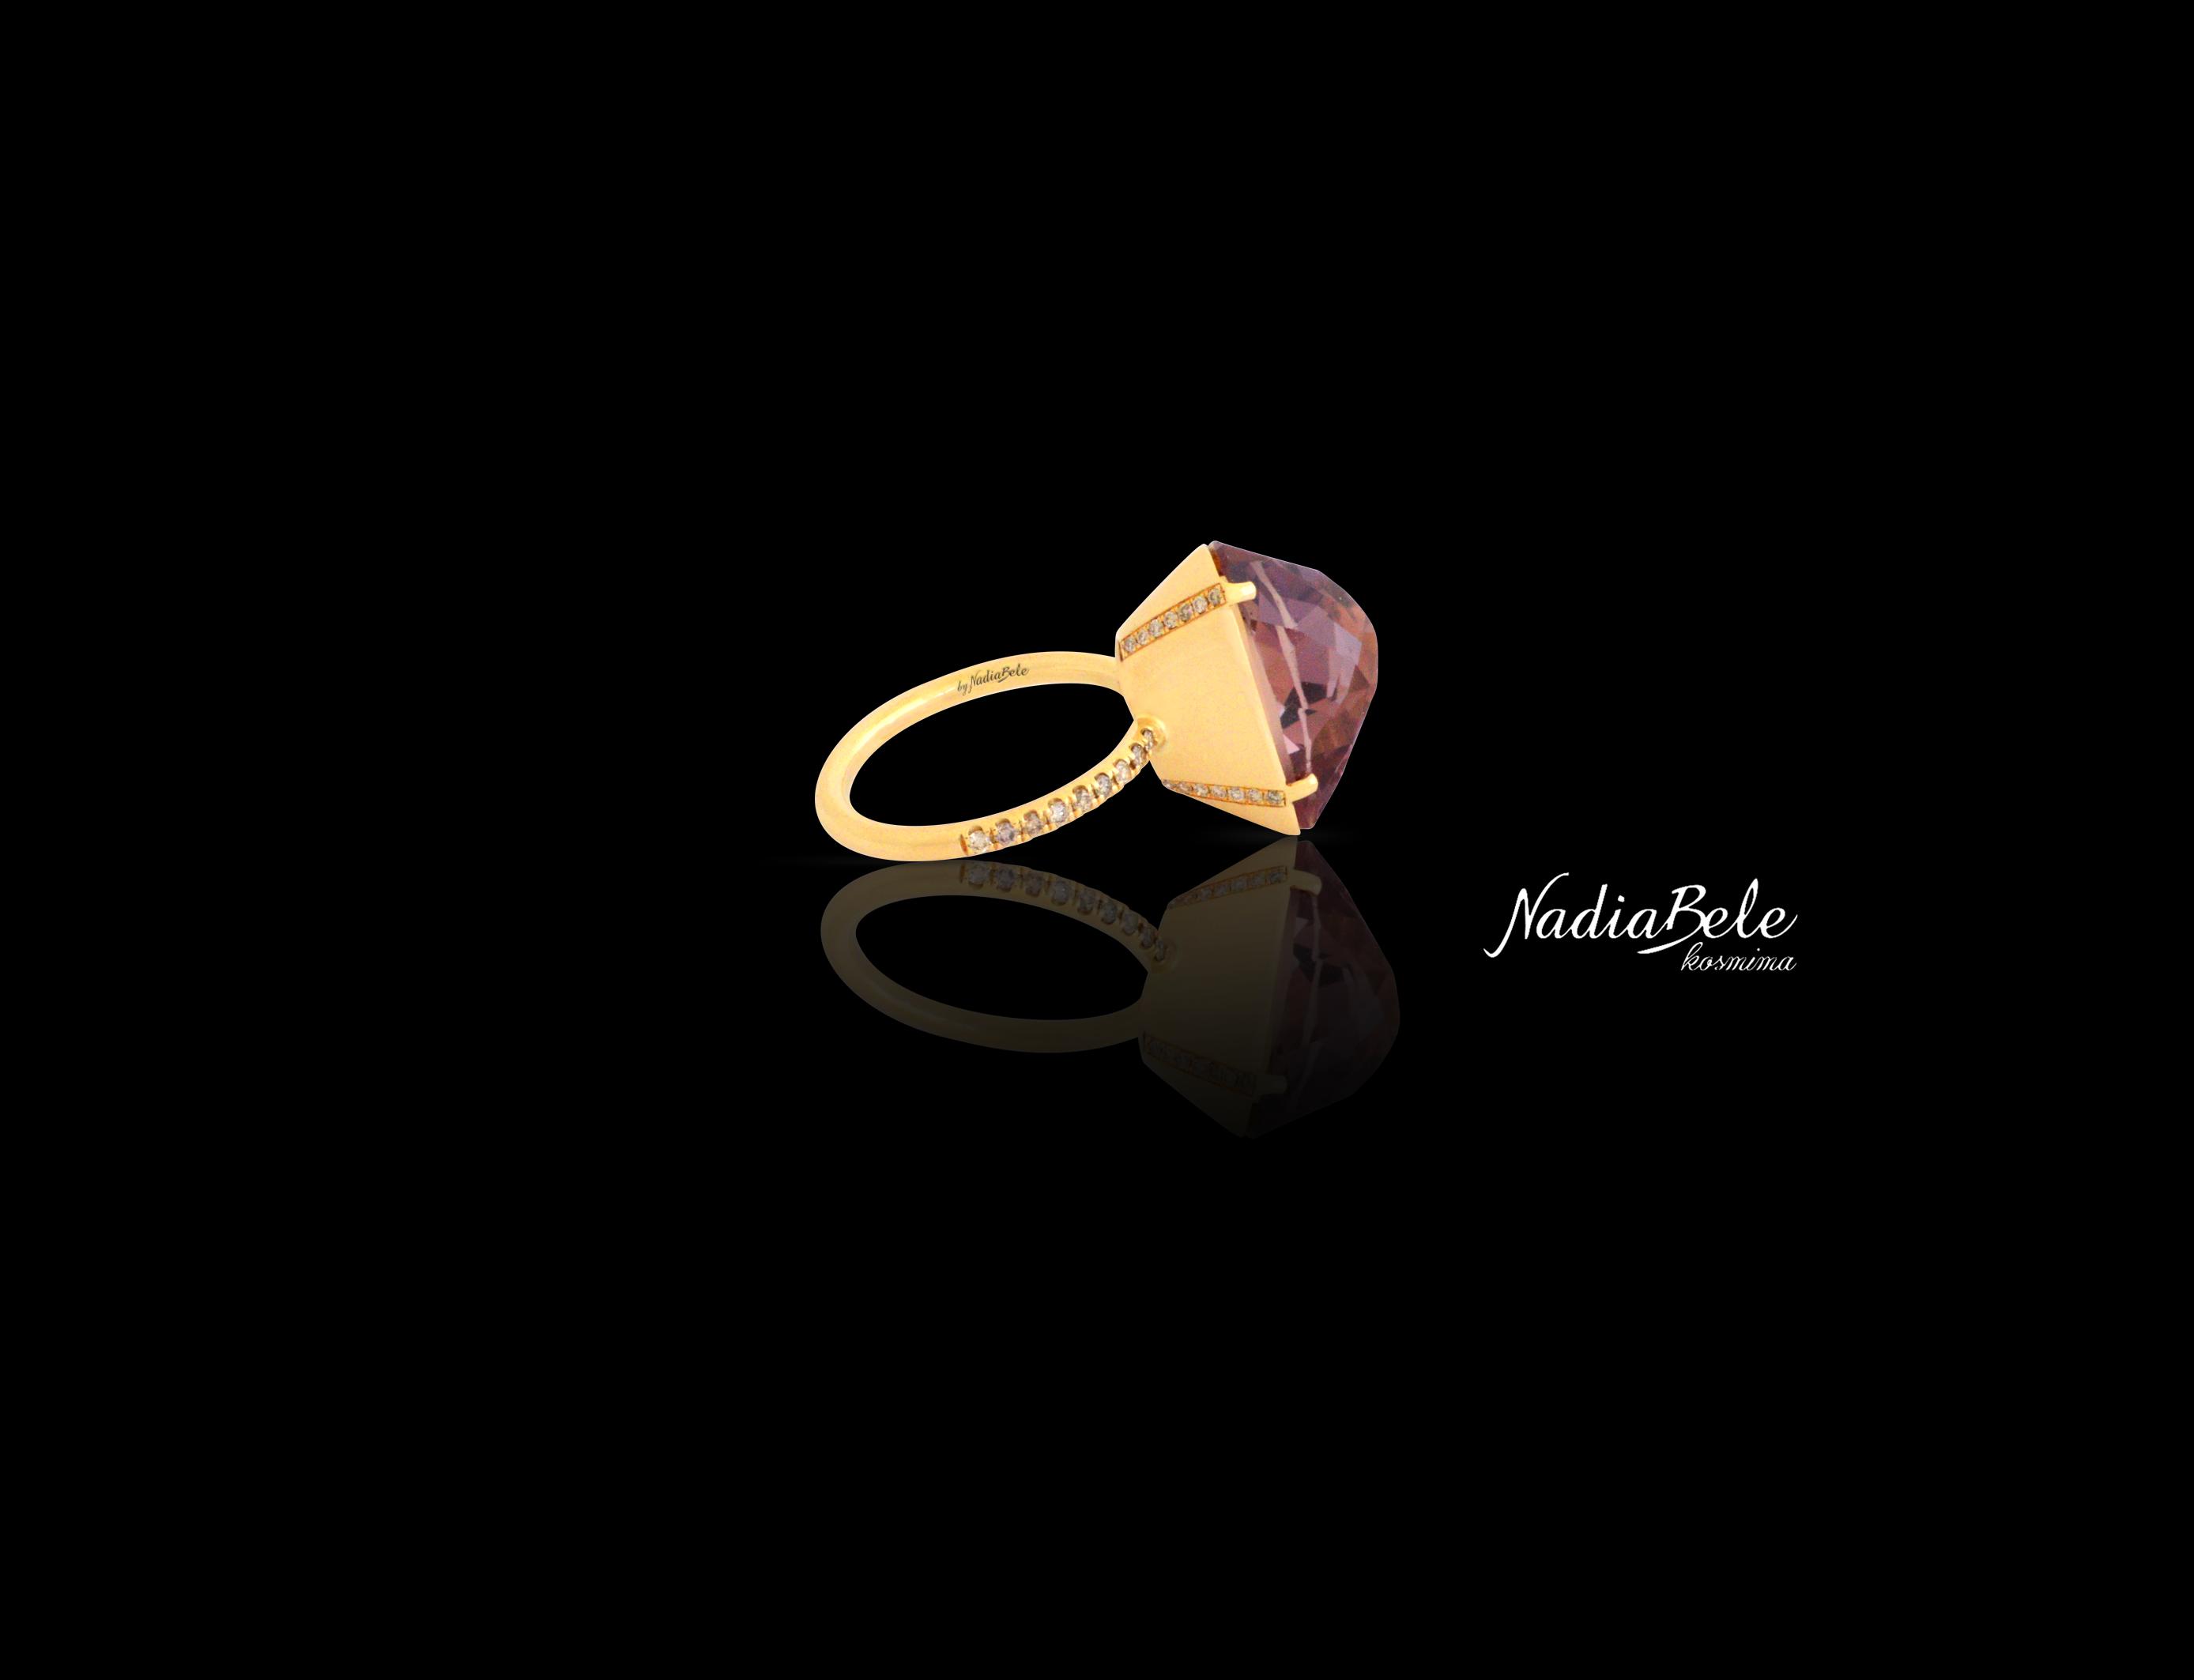 NadiaBele - Jewelry Maker